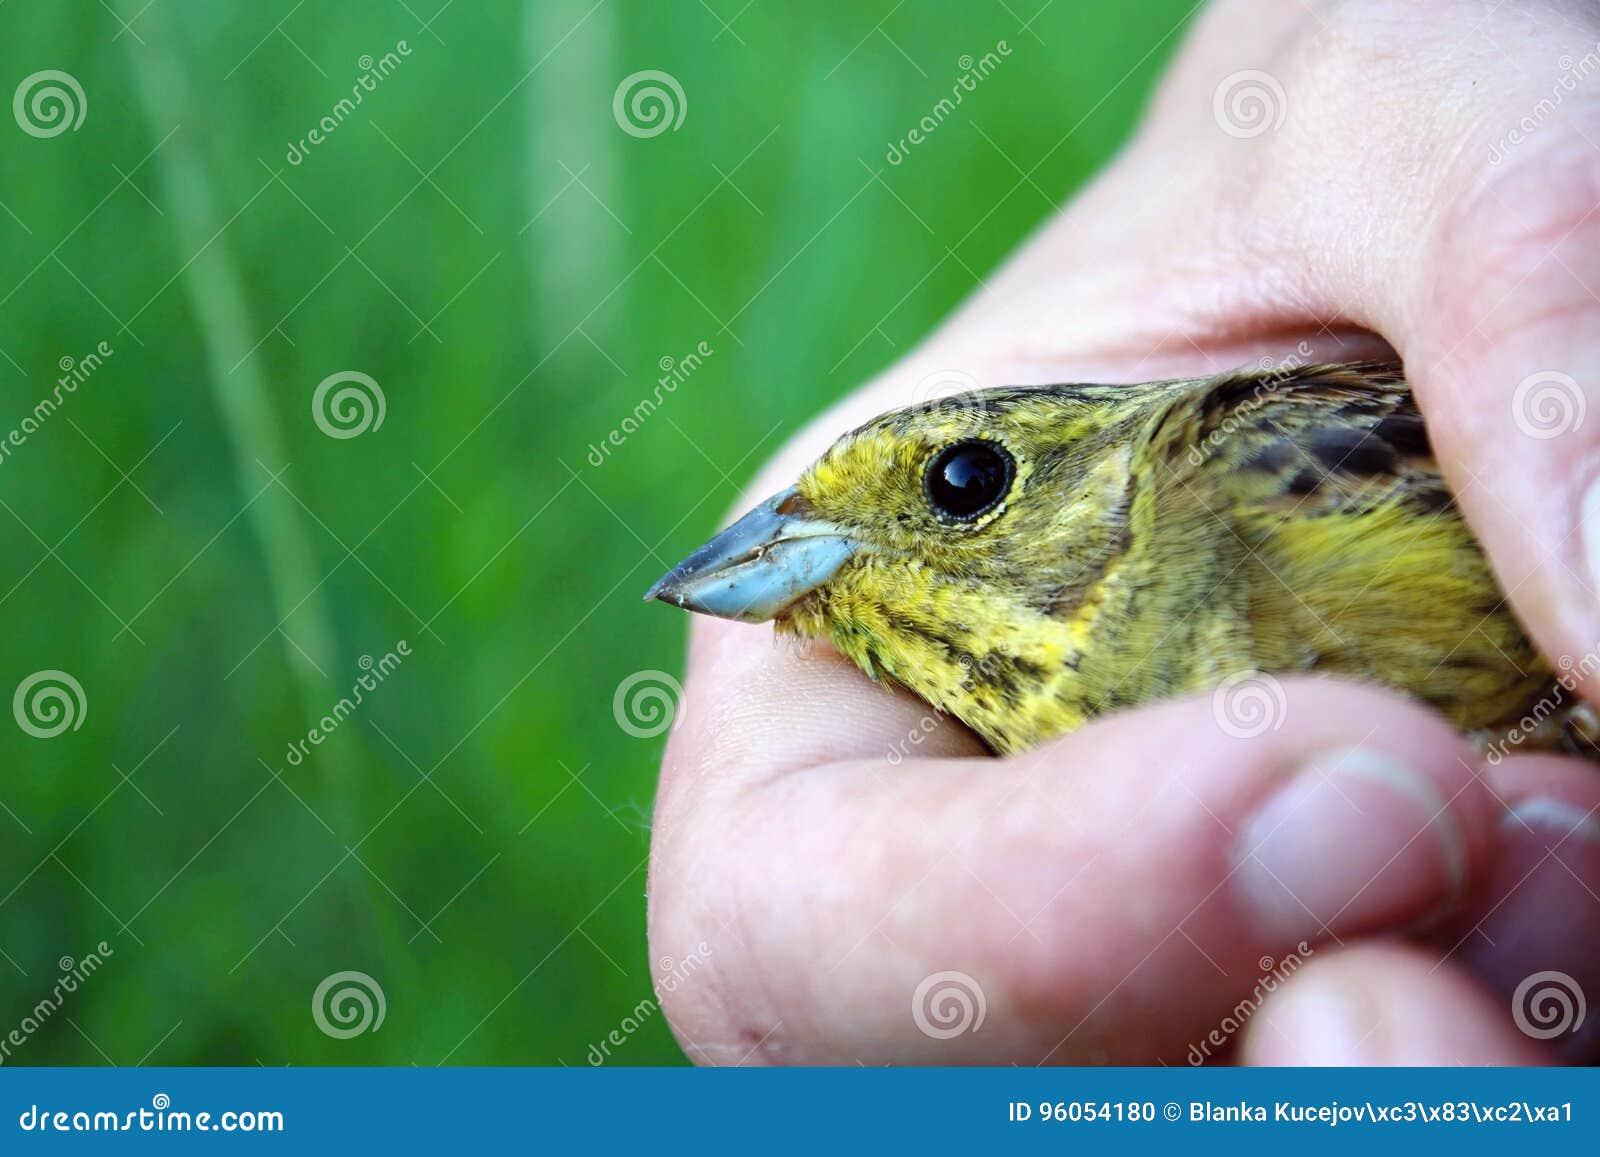 Petit oiseau dans des mains